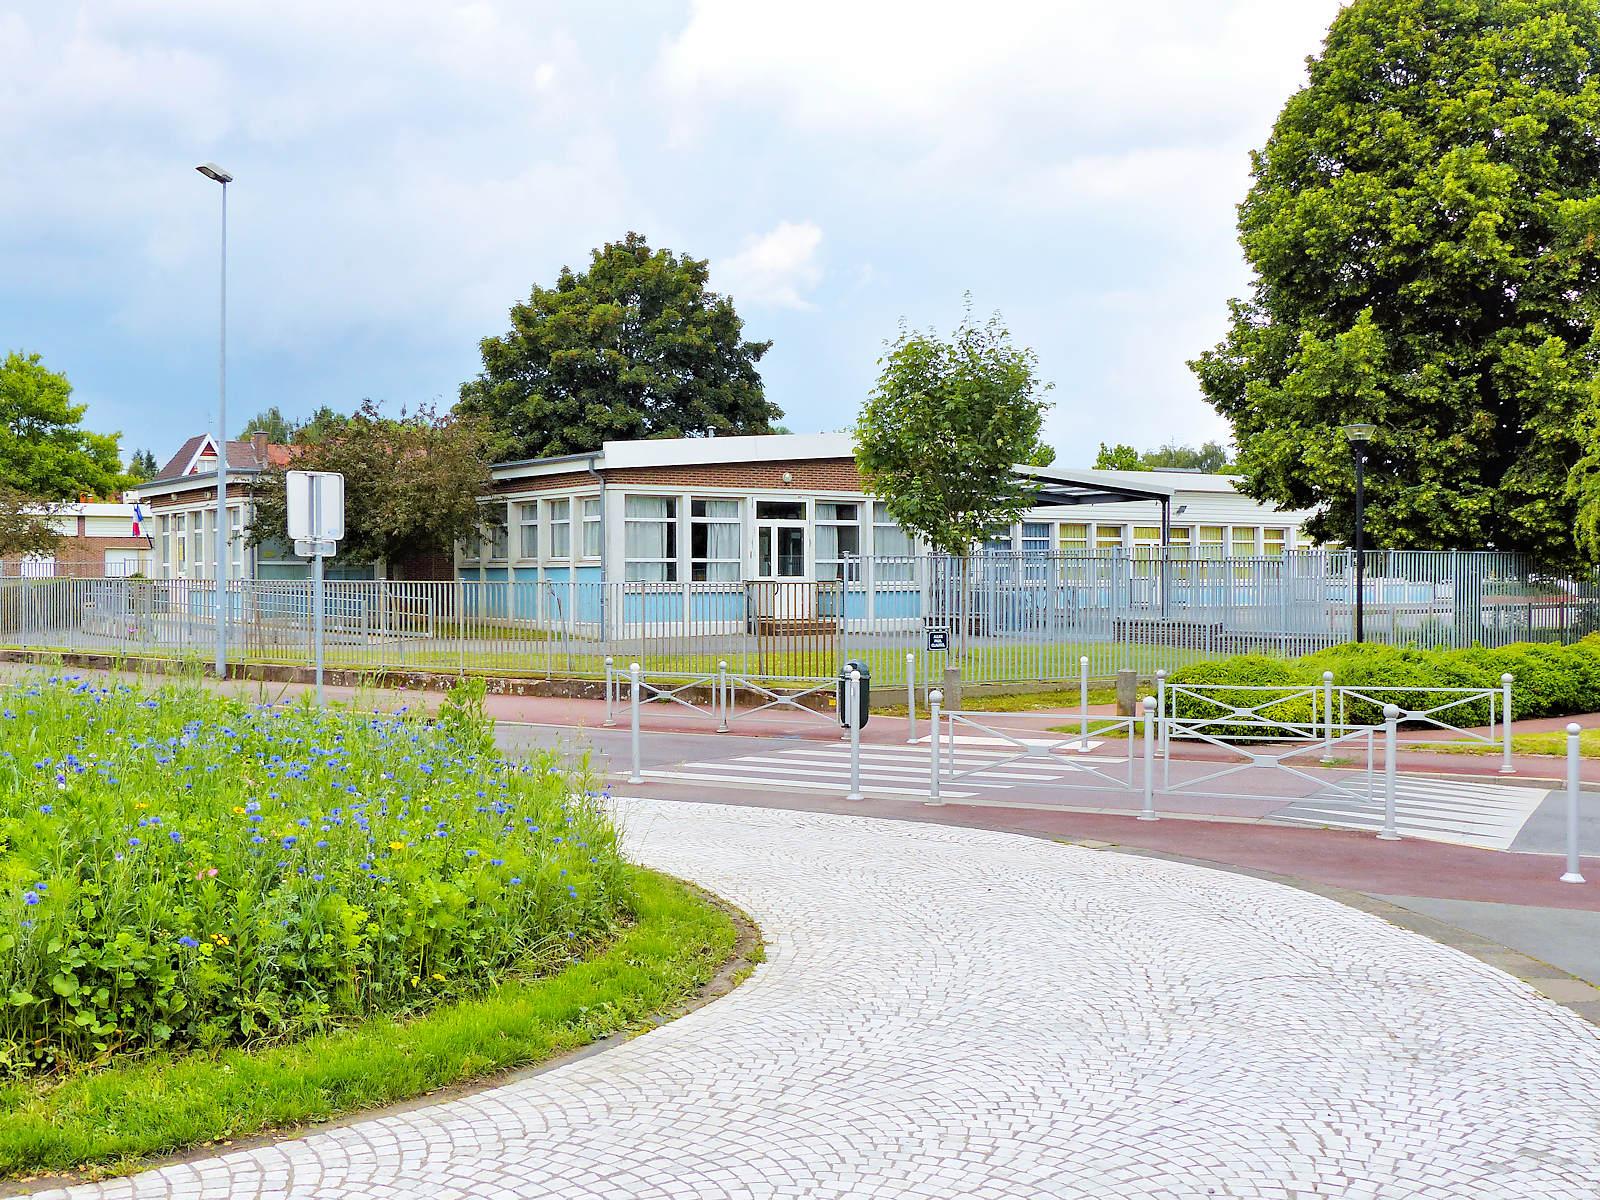 École maternelle publique Paul Claudel, Tourcoing